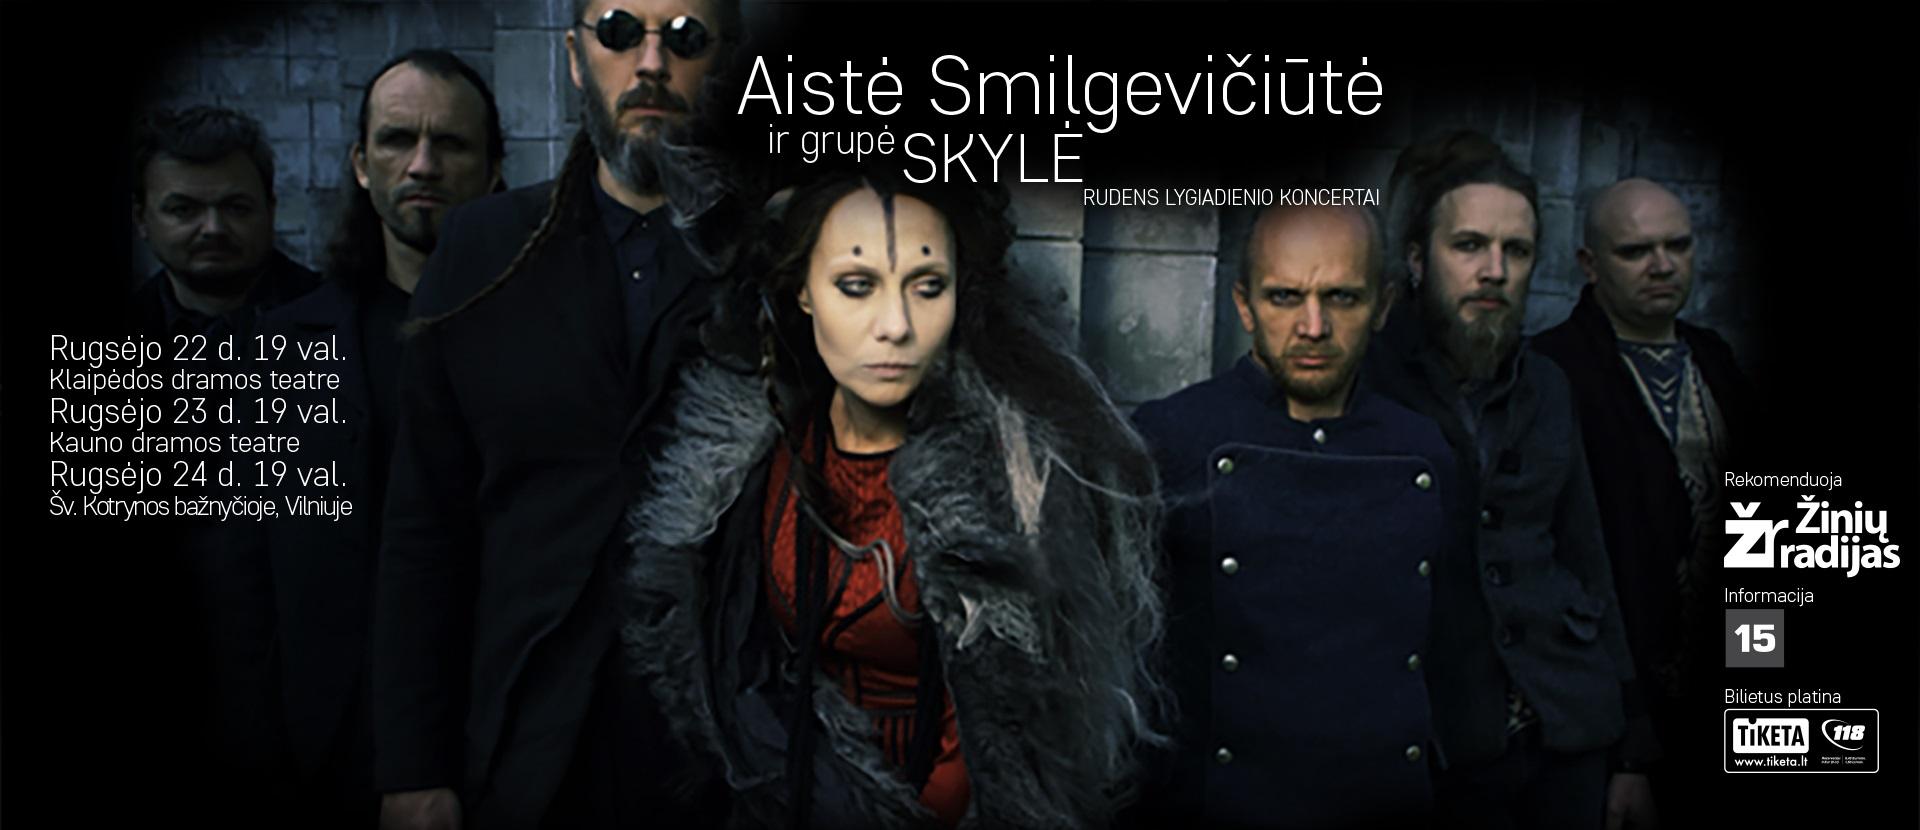 Aistės Smilgevičiūtės ir grupės SKYLĖ rudens lygiadienio koncertas